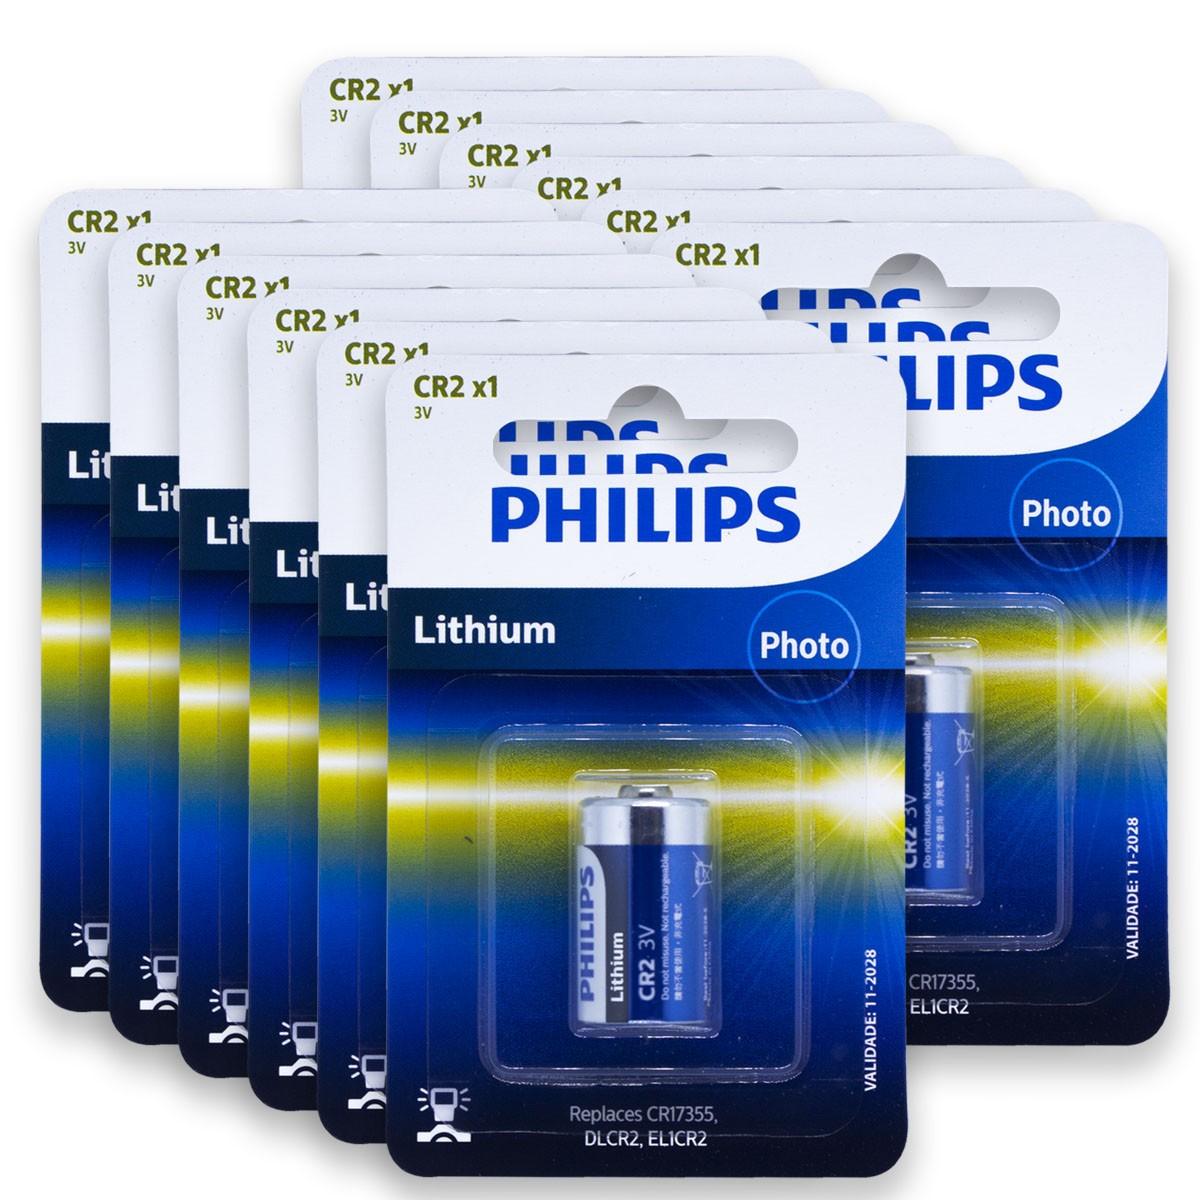 12 Pilhas PHILIPS CR2 3V Bateria 12 cartelas